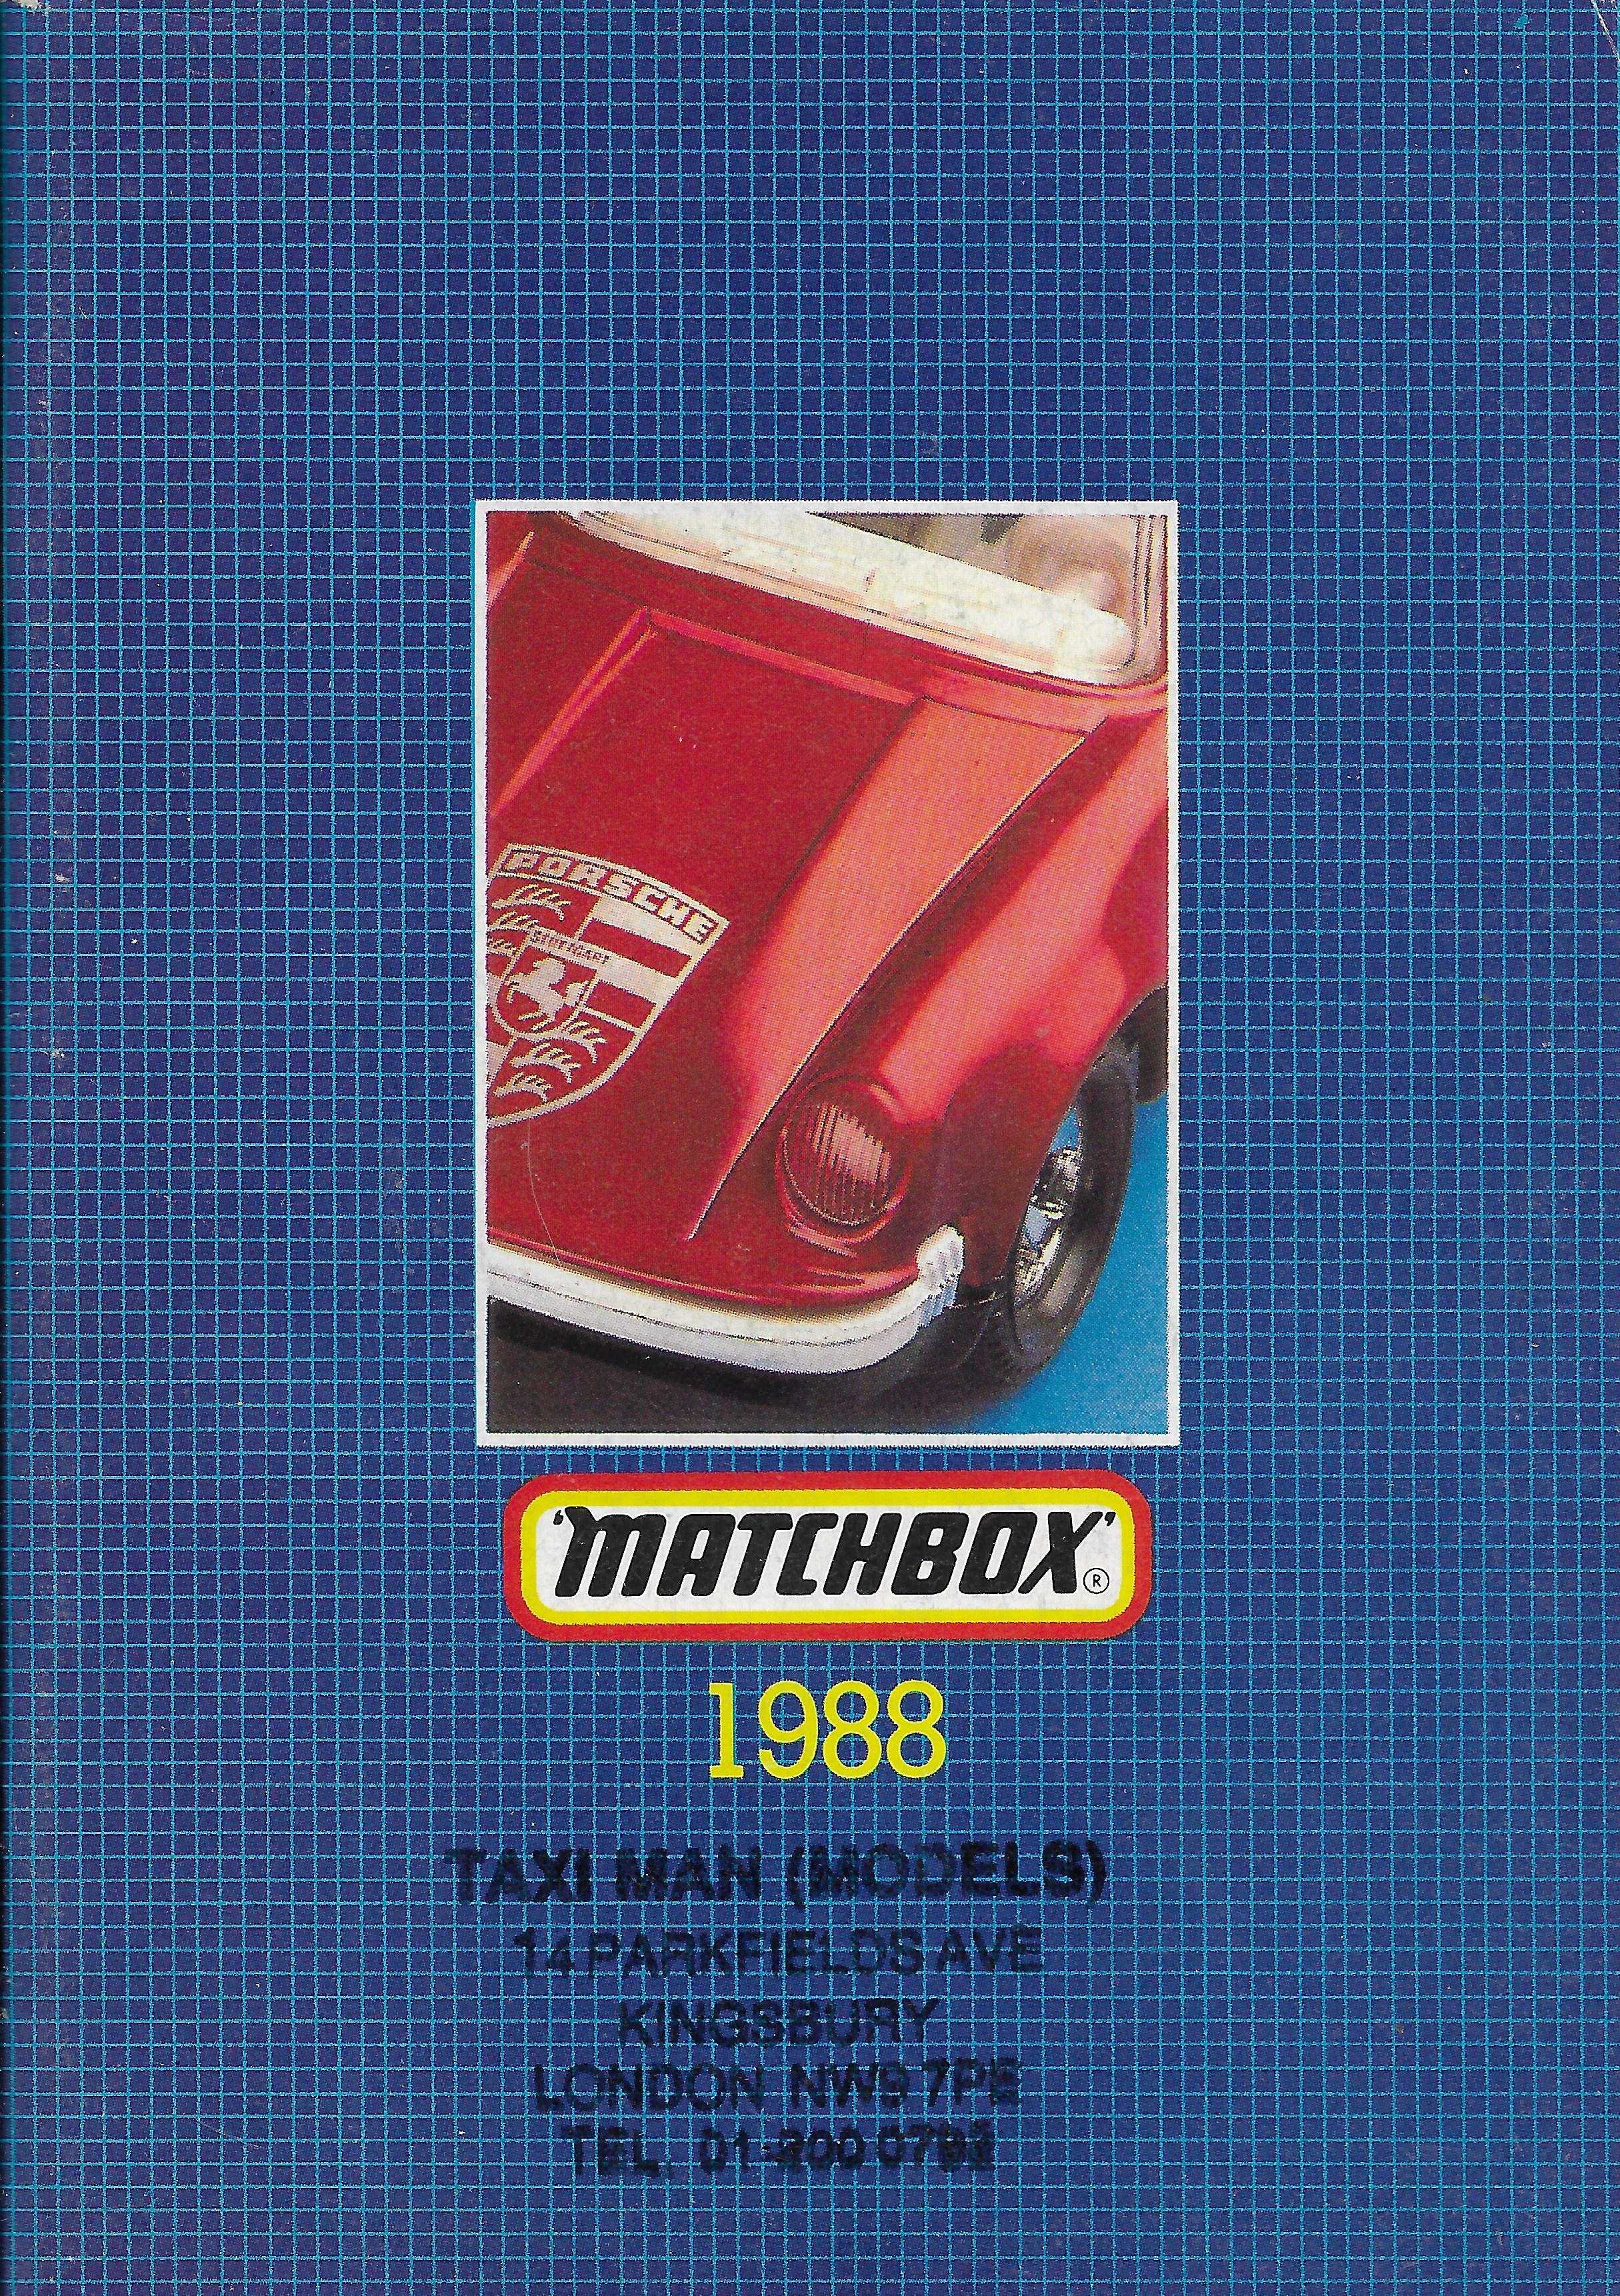 1988-as Matchbox katalógus